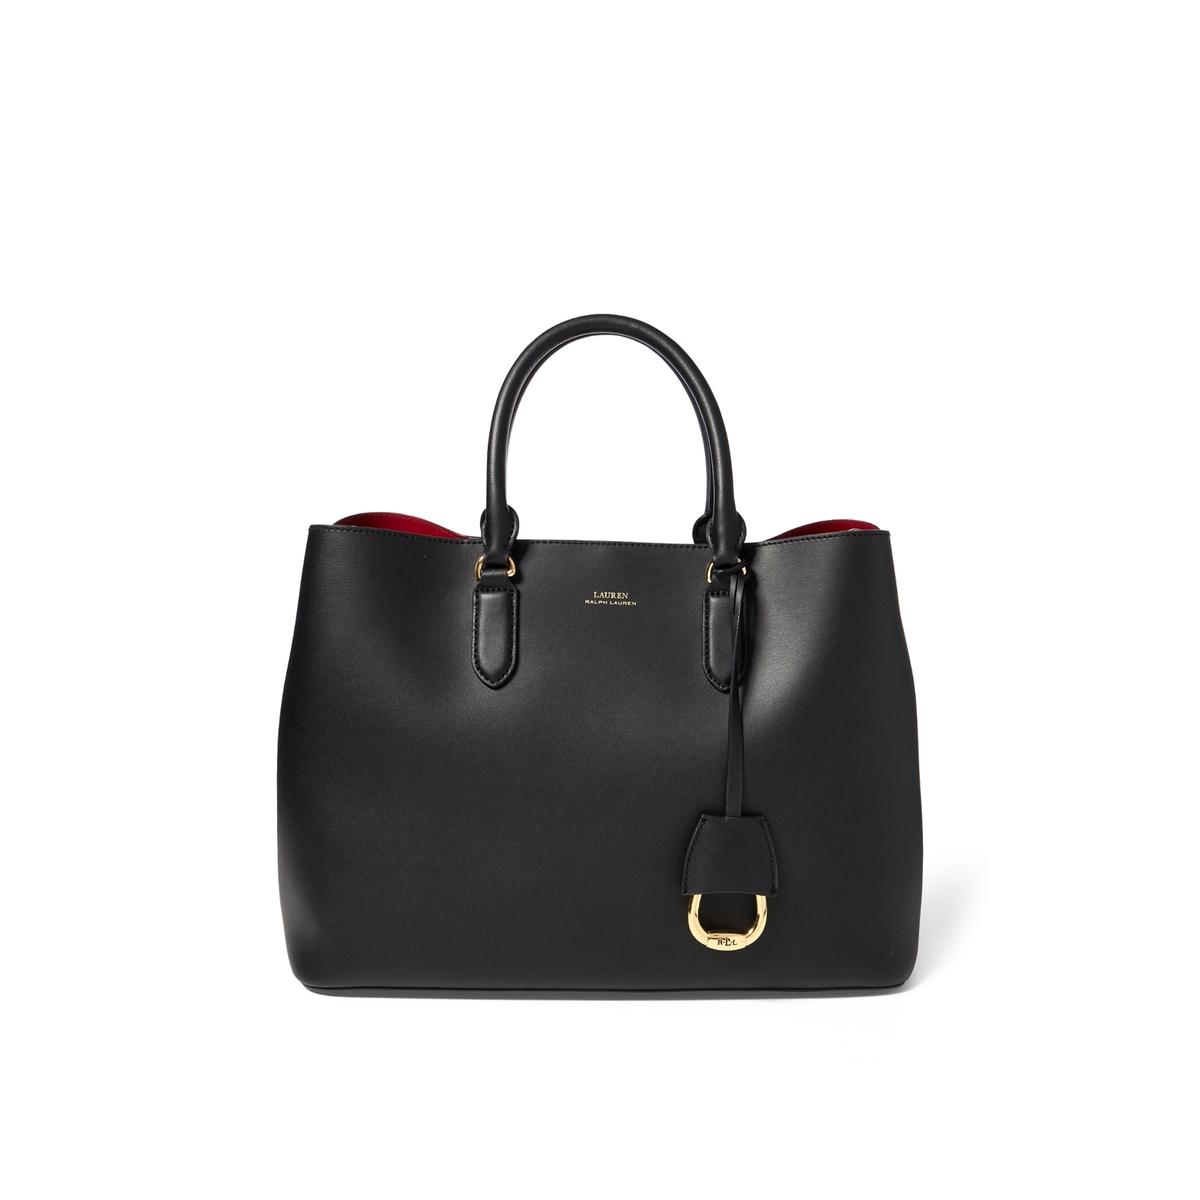 Фото - Сумка-шоппер LaRedoute MARCY SATCHEL LARGE единый размер черный сумка шоппер laredoute из льна с блесками единый размер синий